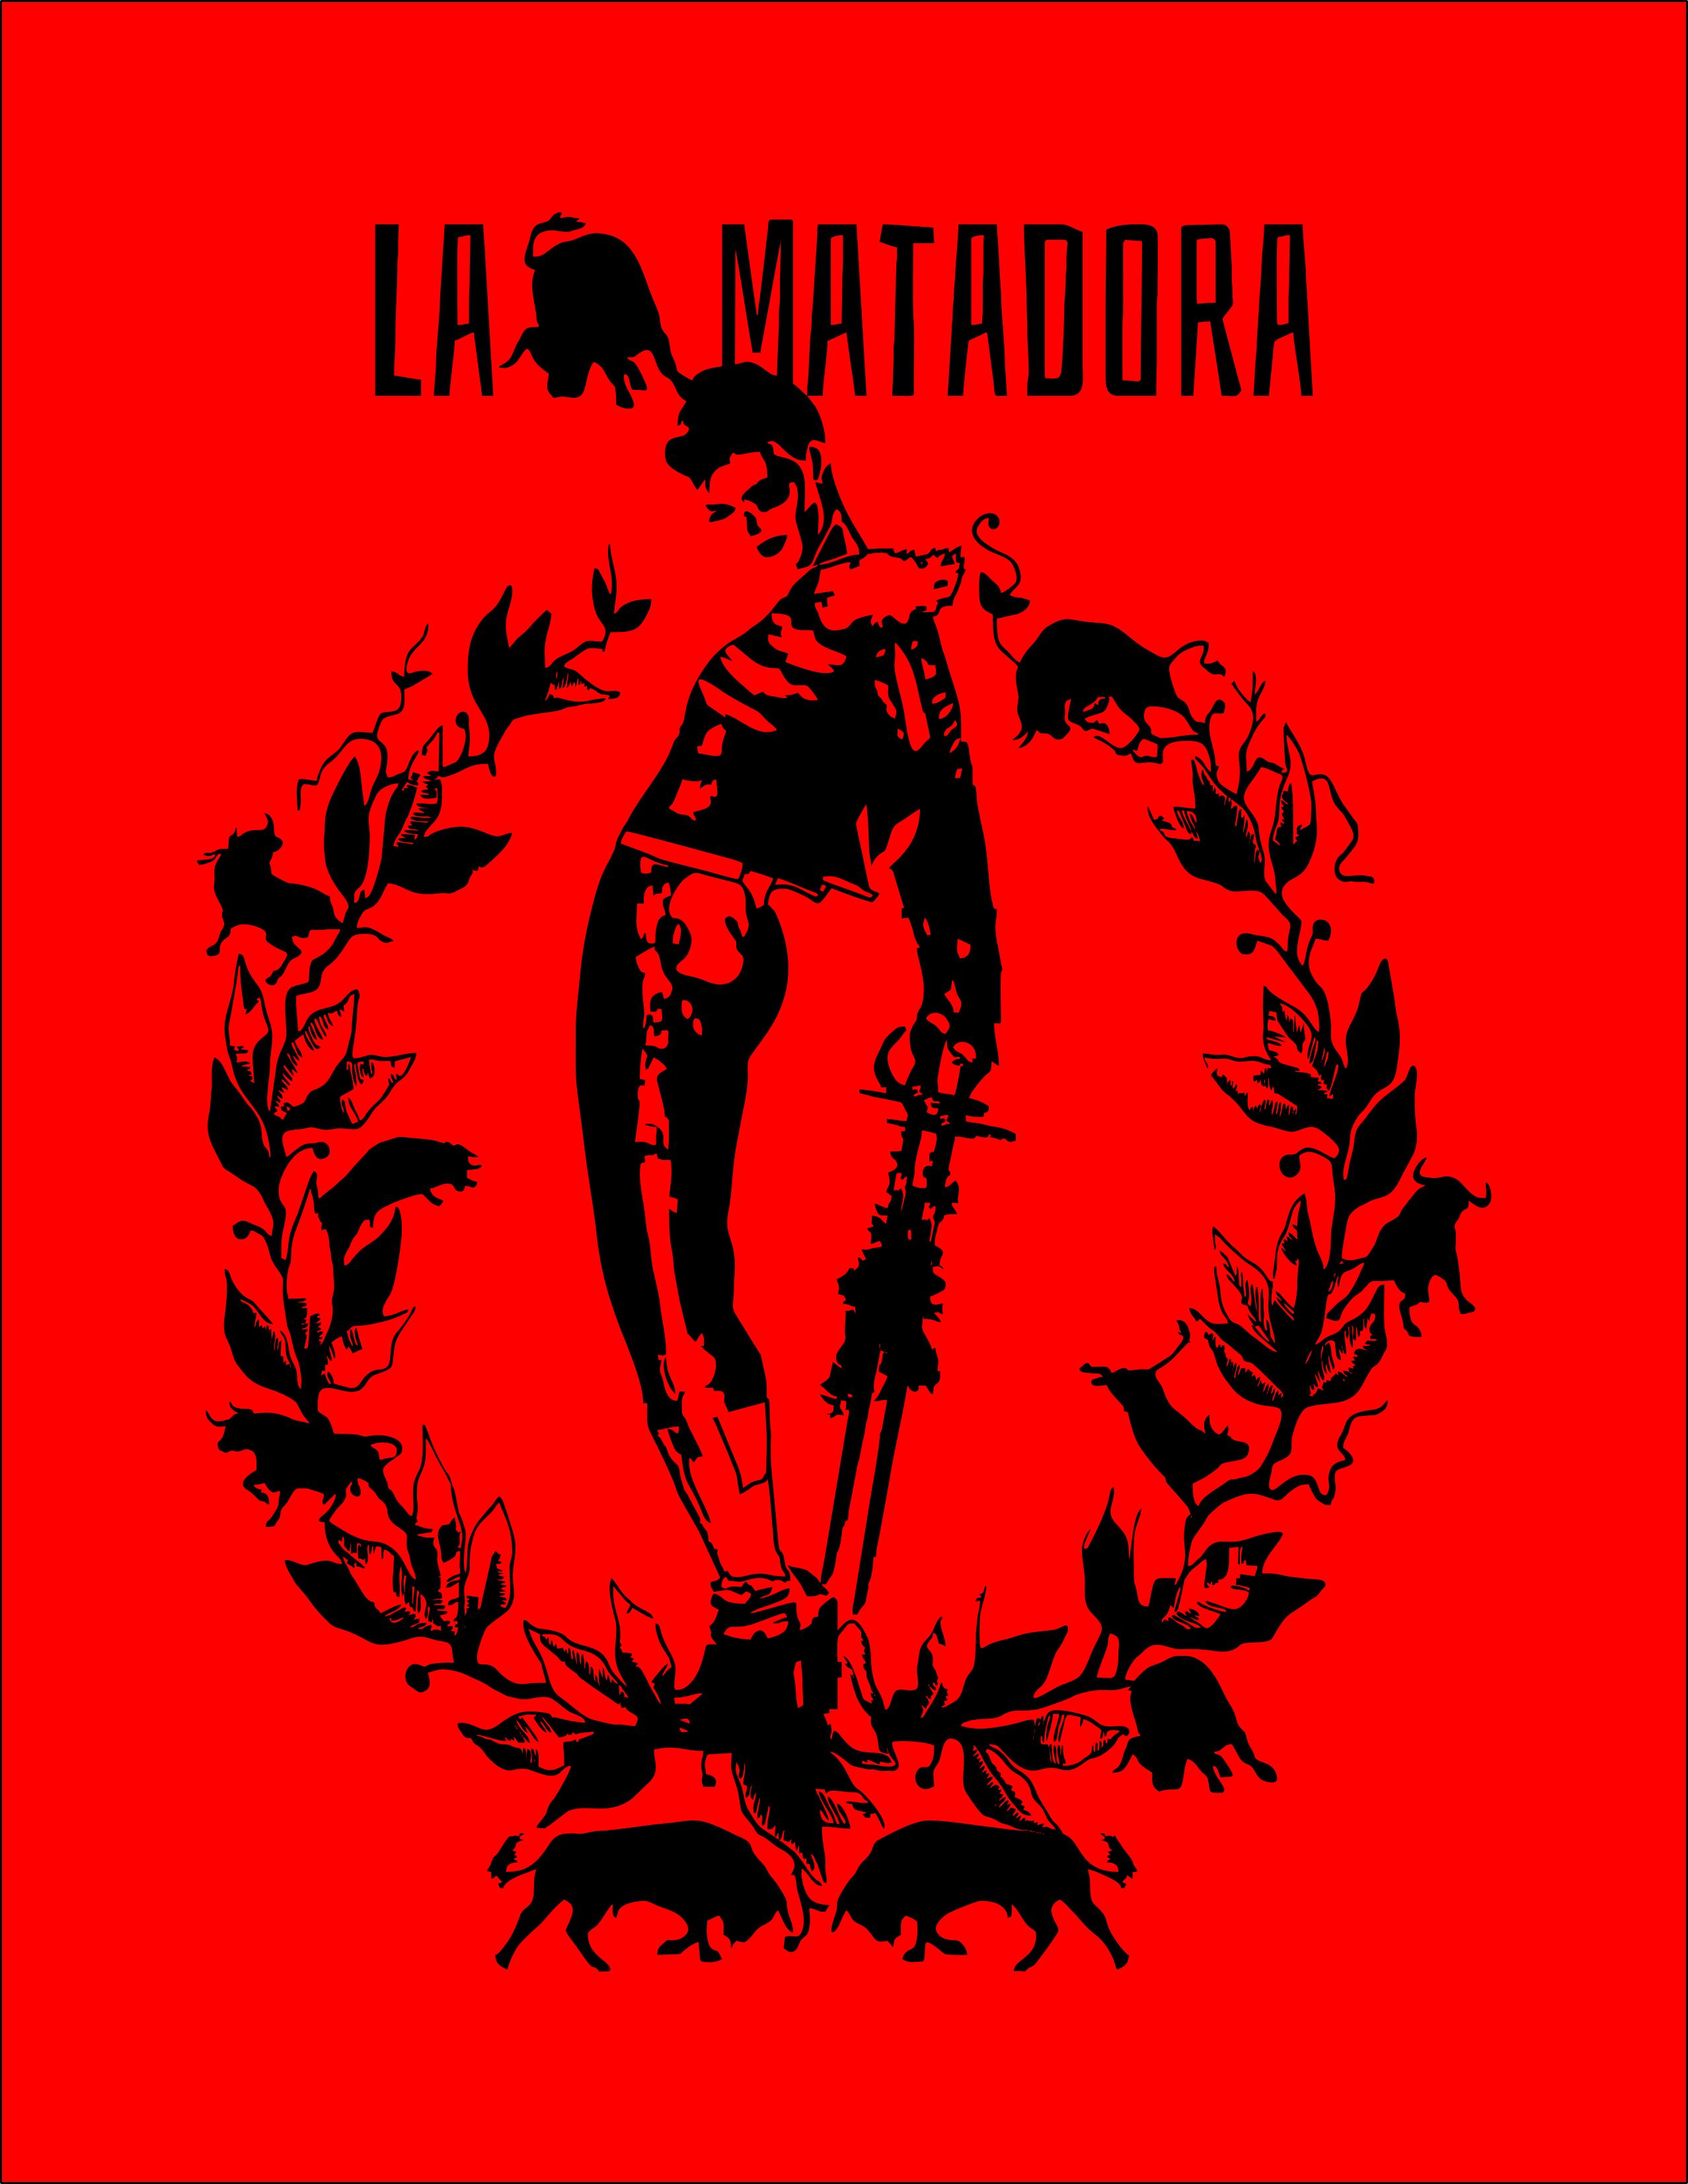 La Matadora Tshirt.png